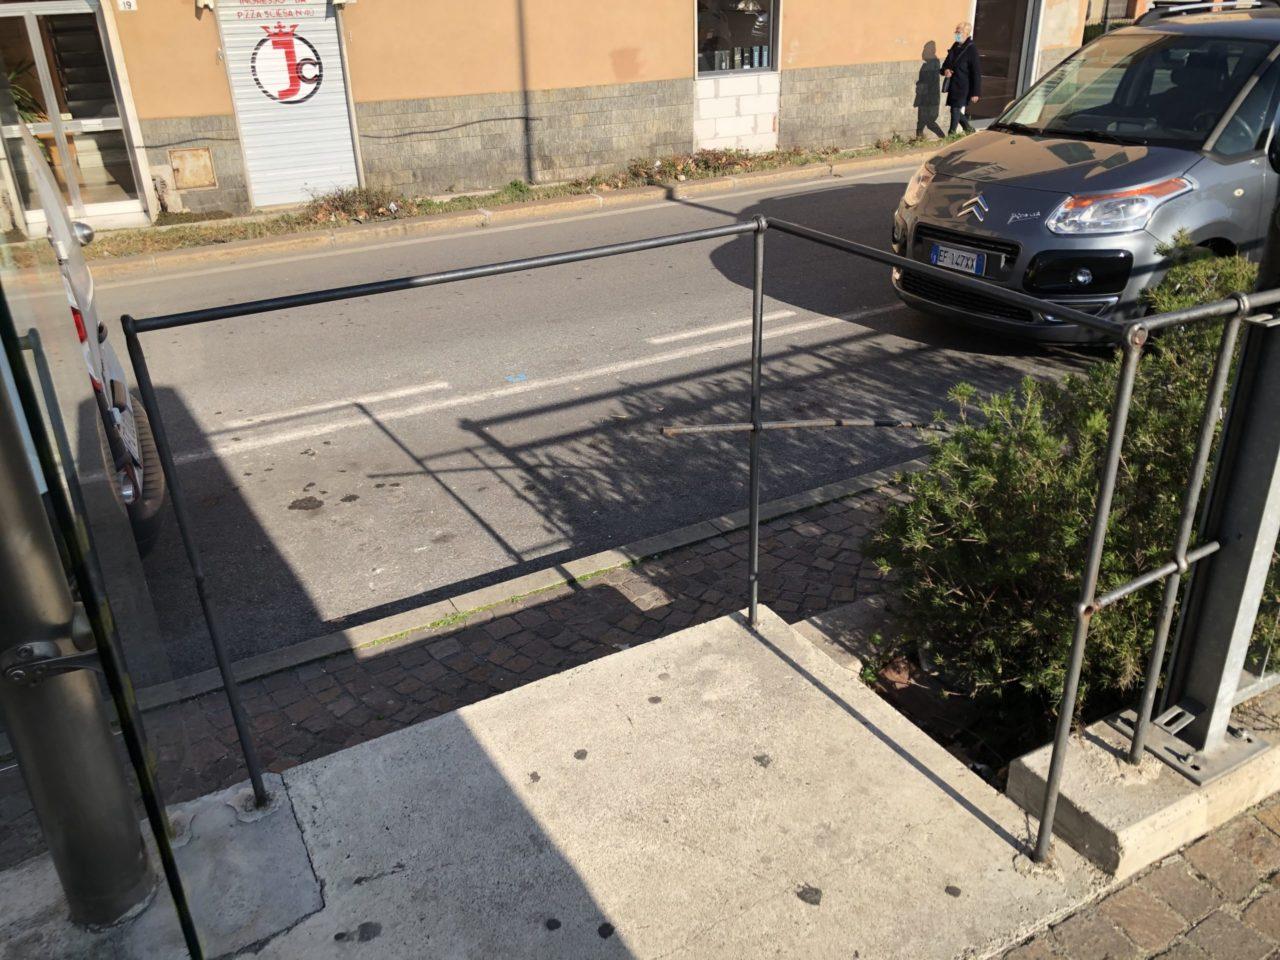 Ringhiera danneggiata fermata AMT via Pra' di fronte a piazza Sciesa direzione Ponente